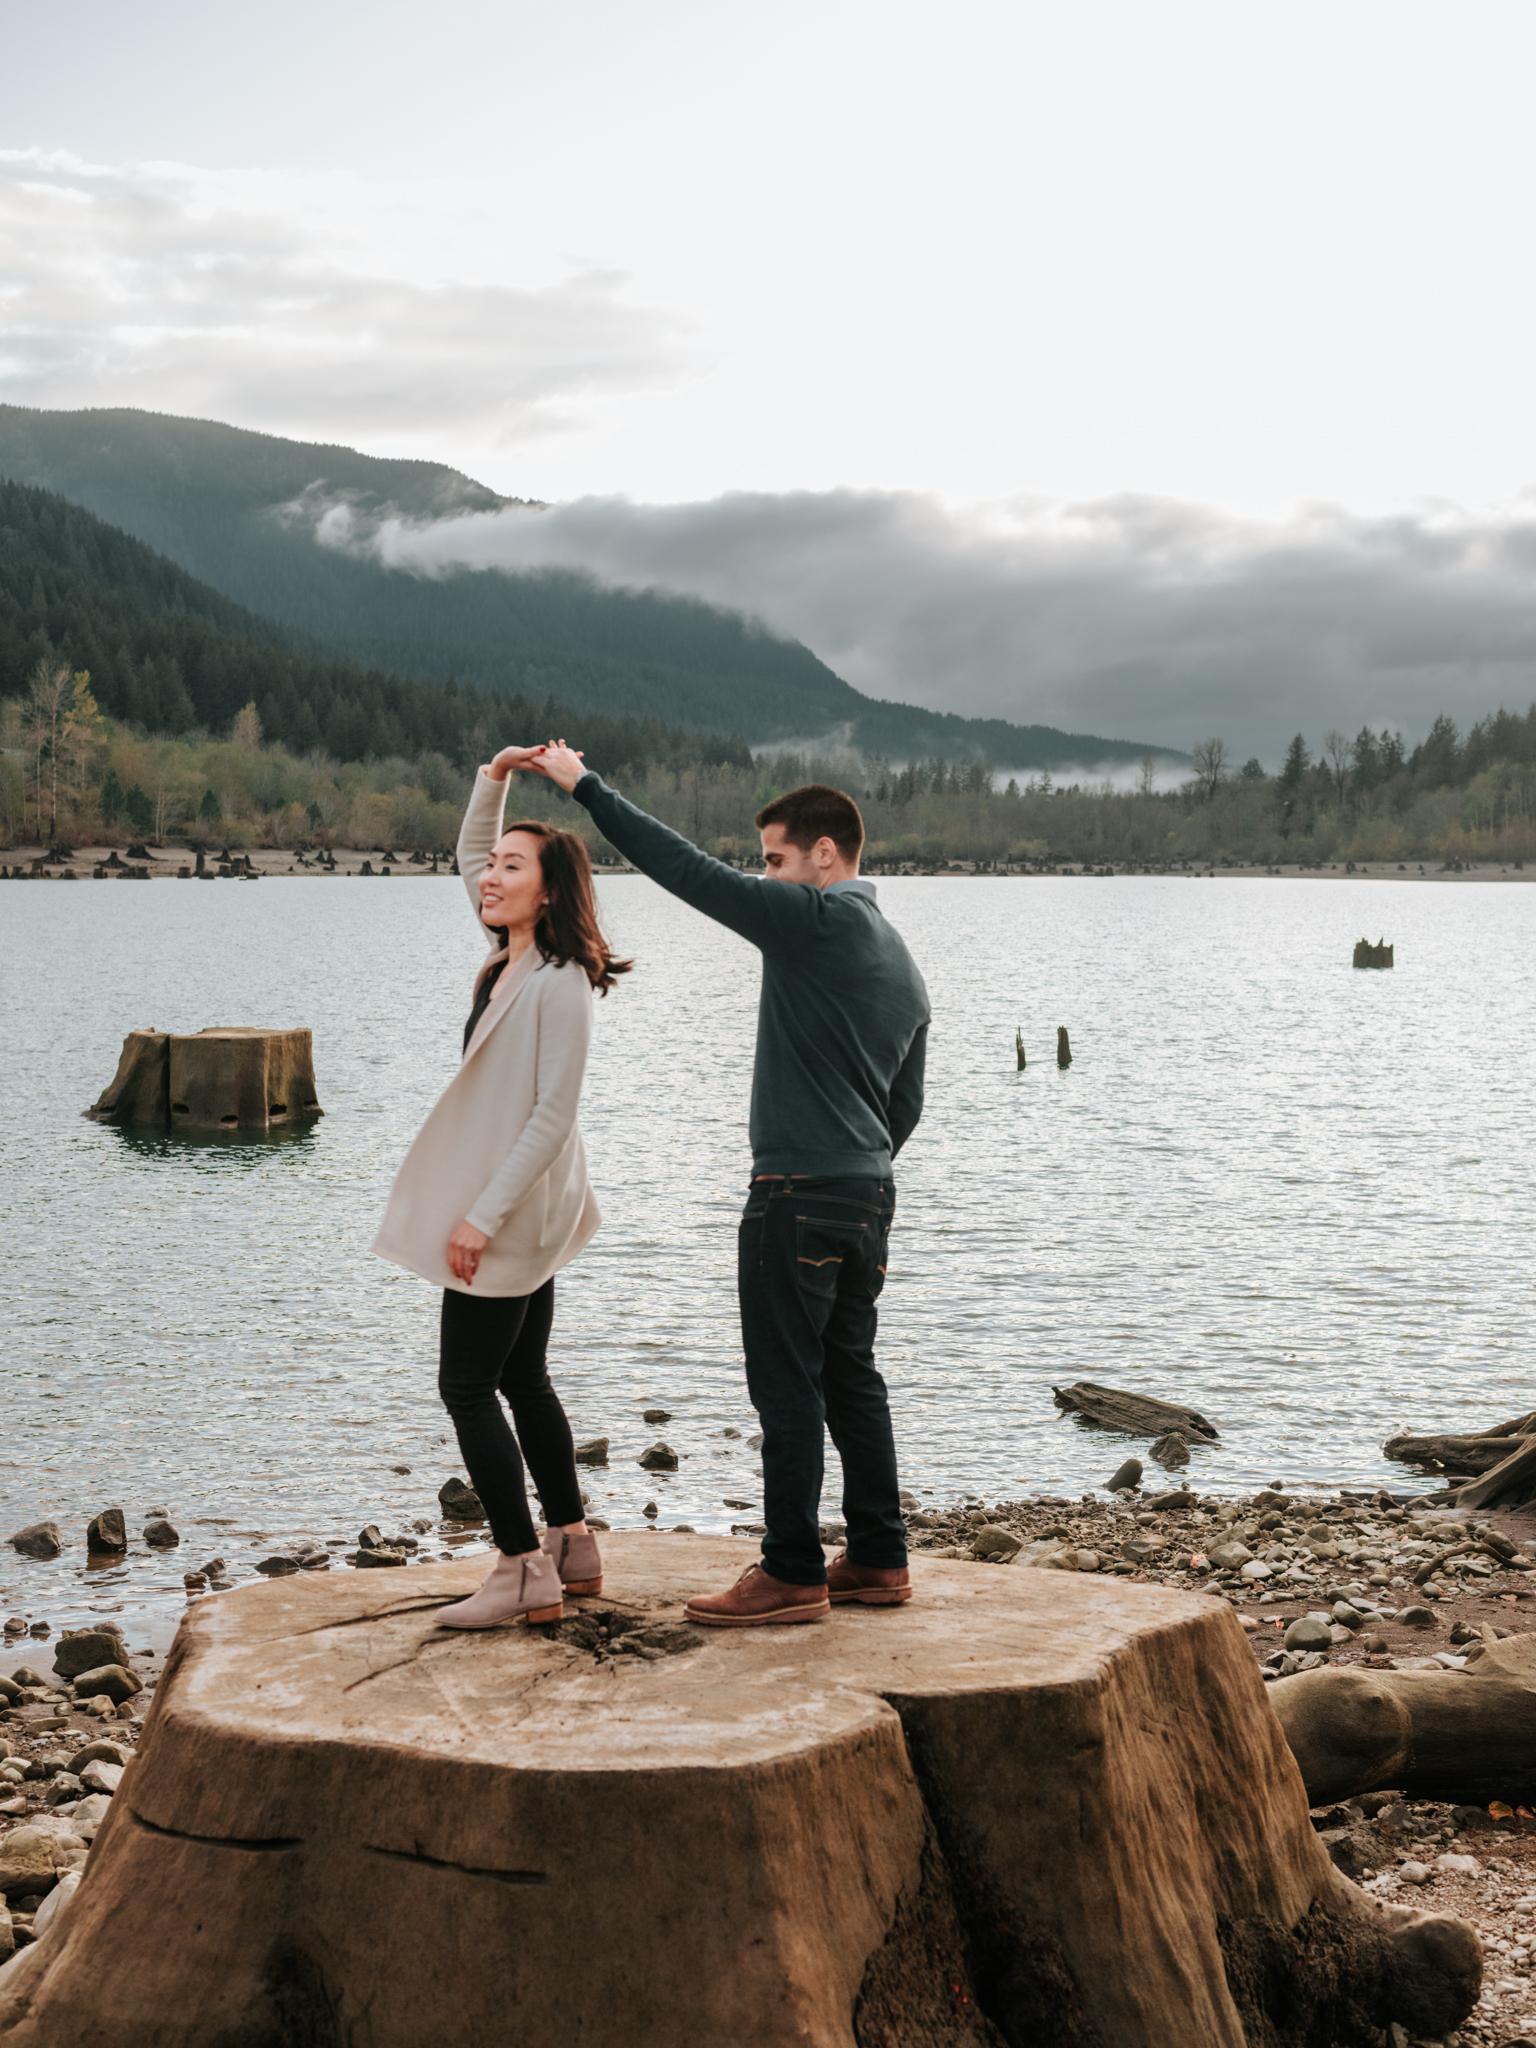 Seattle Engagement Photographer_Stolen Glimpses 41.jpg